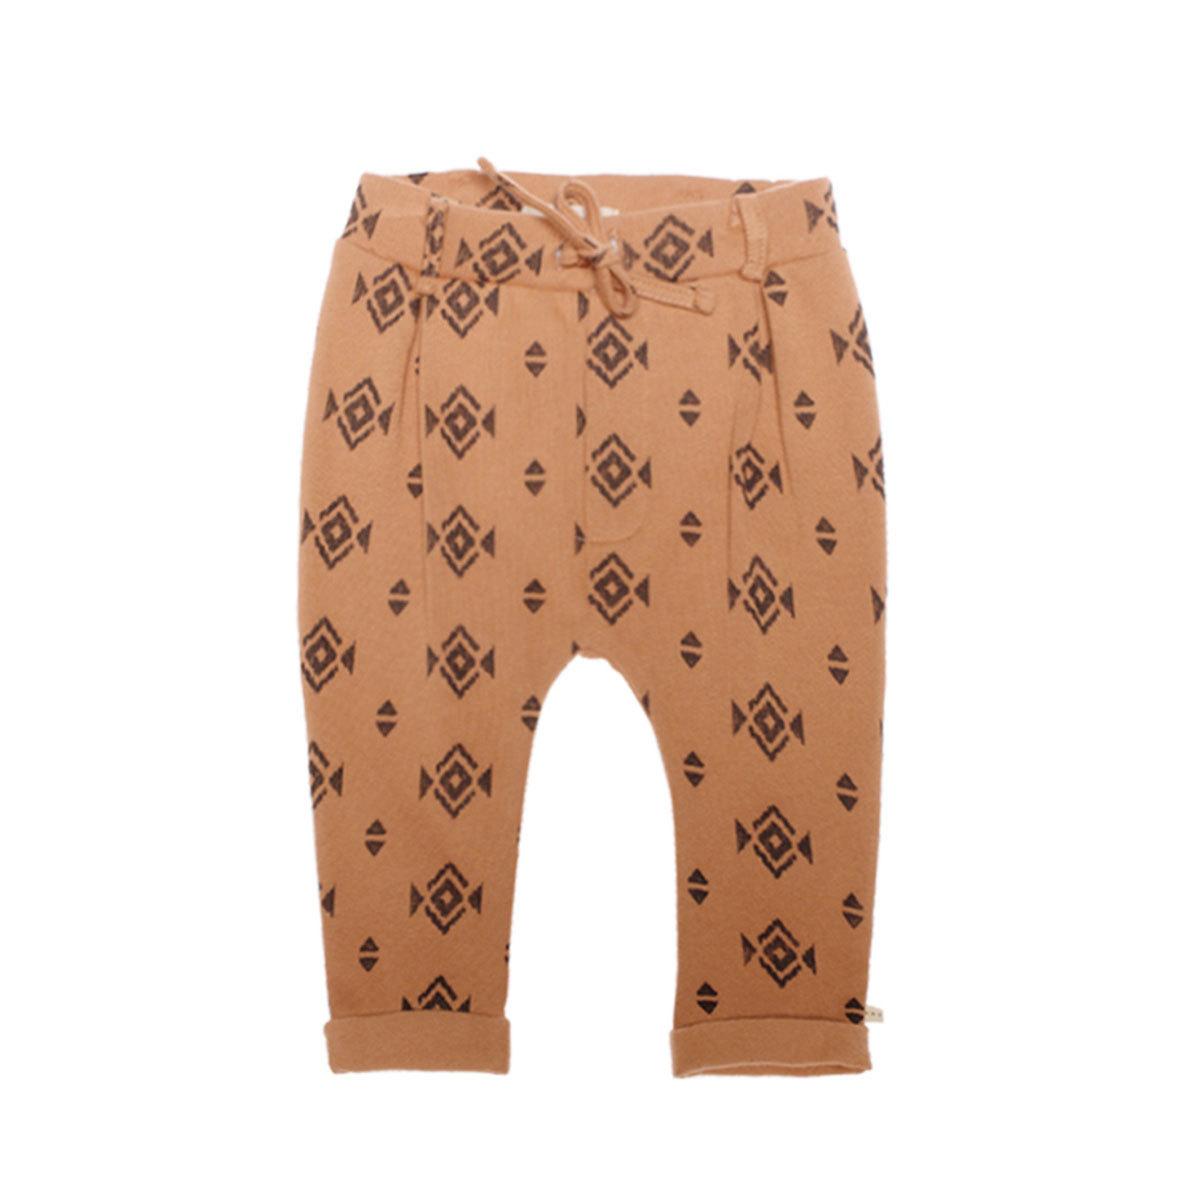 Bas bébé Pantalon Minichino Cannelle - 2/3 Ans Pantalon Minichino Cannelle - 2/3 Ans